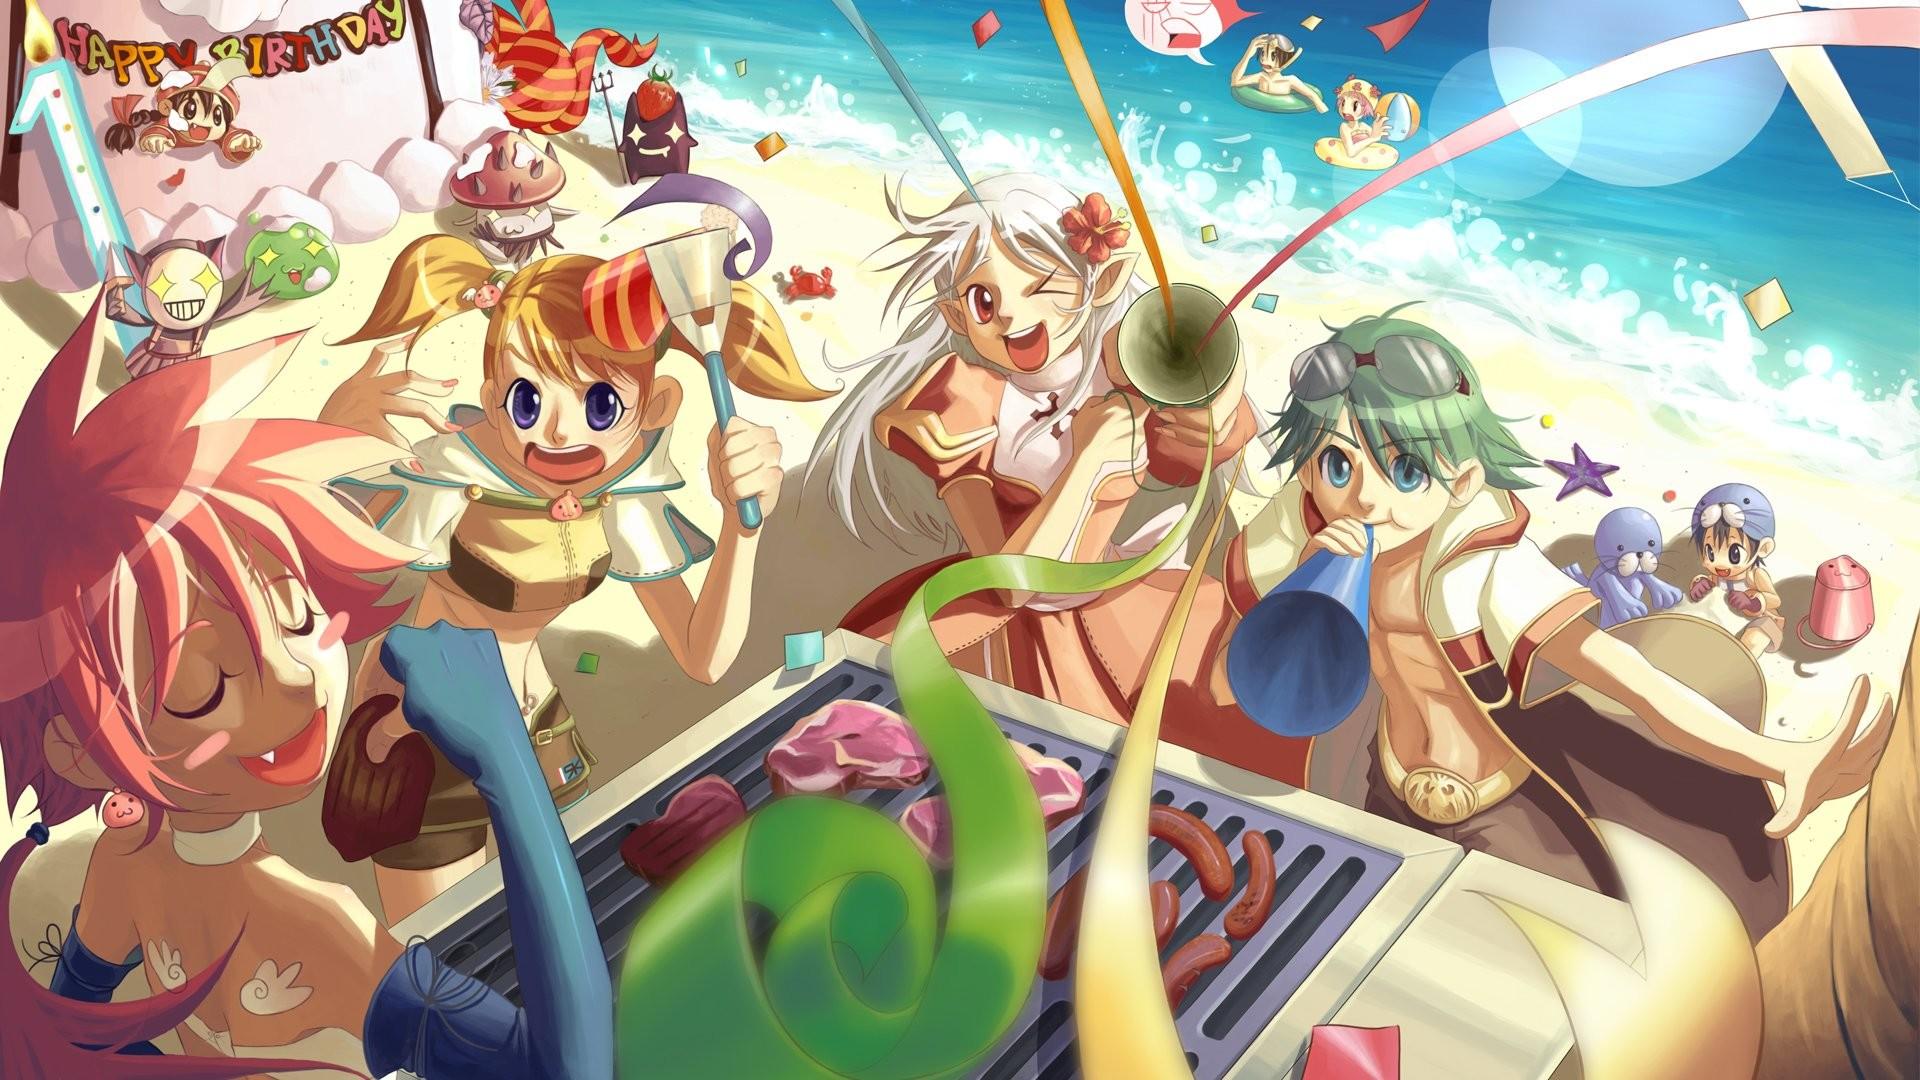 Res: 1920x1080, RAGNAROK Online mmo rpg fantasy action adventure 1ragnarok anime ... ragnarok  wallpapers | WallpaperUP